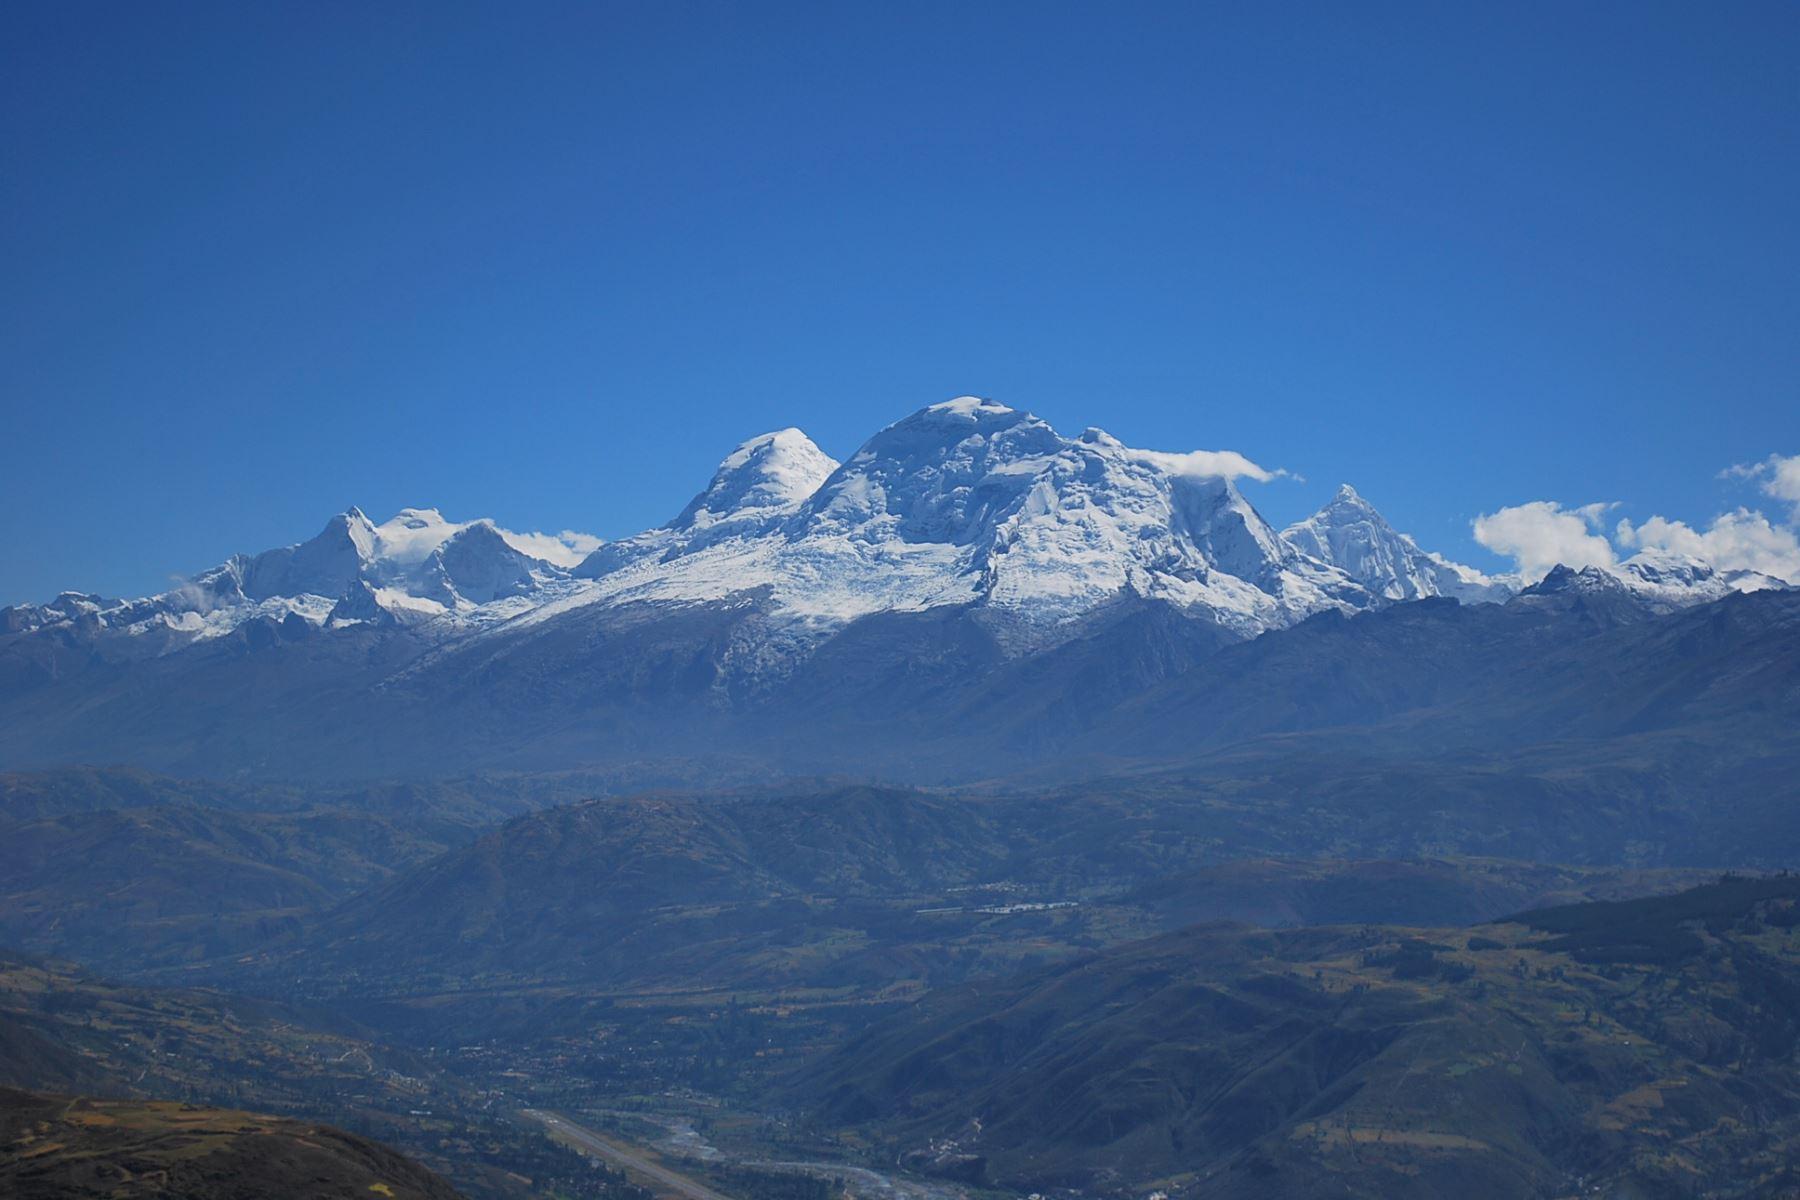 Los incendios forestales contribuyen al proceso de deglaciación de los glaciares, advirtió el Instituto Nacional de Investigación en Glaciares y Ecosistemas de Montaña.